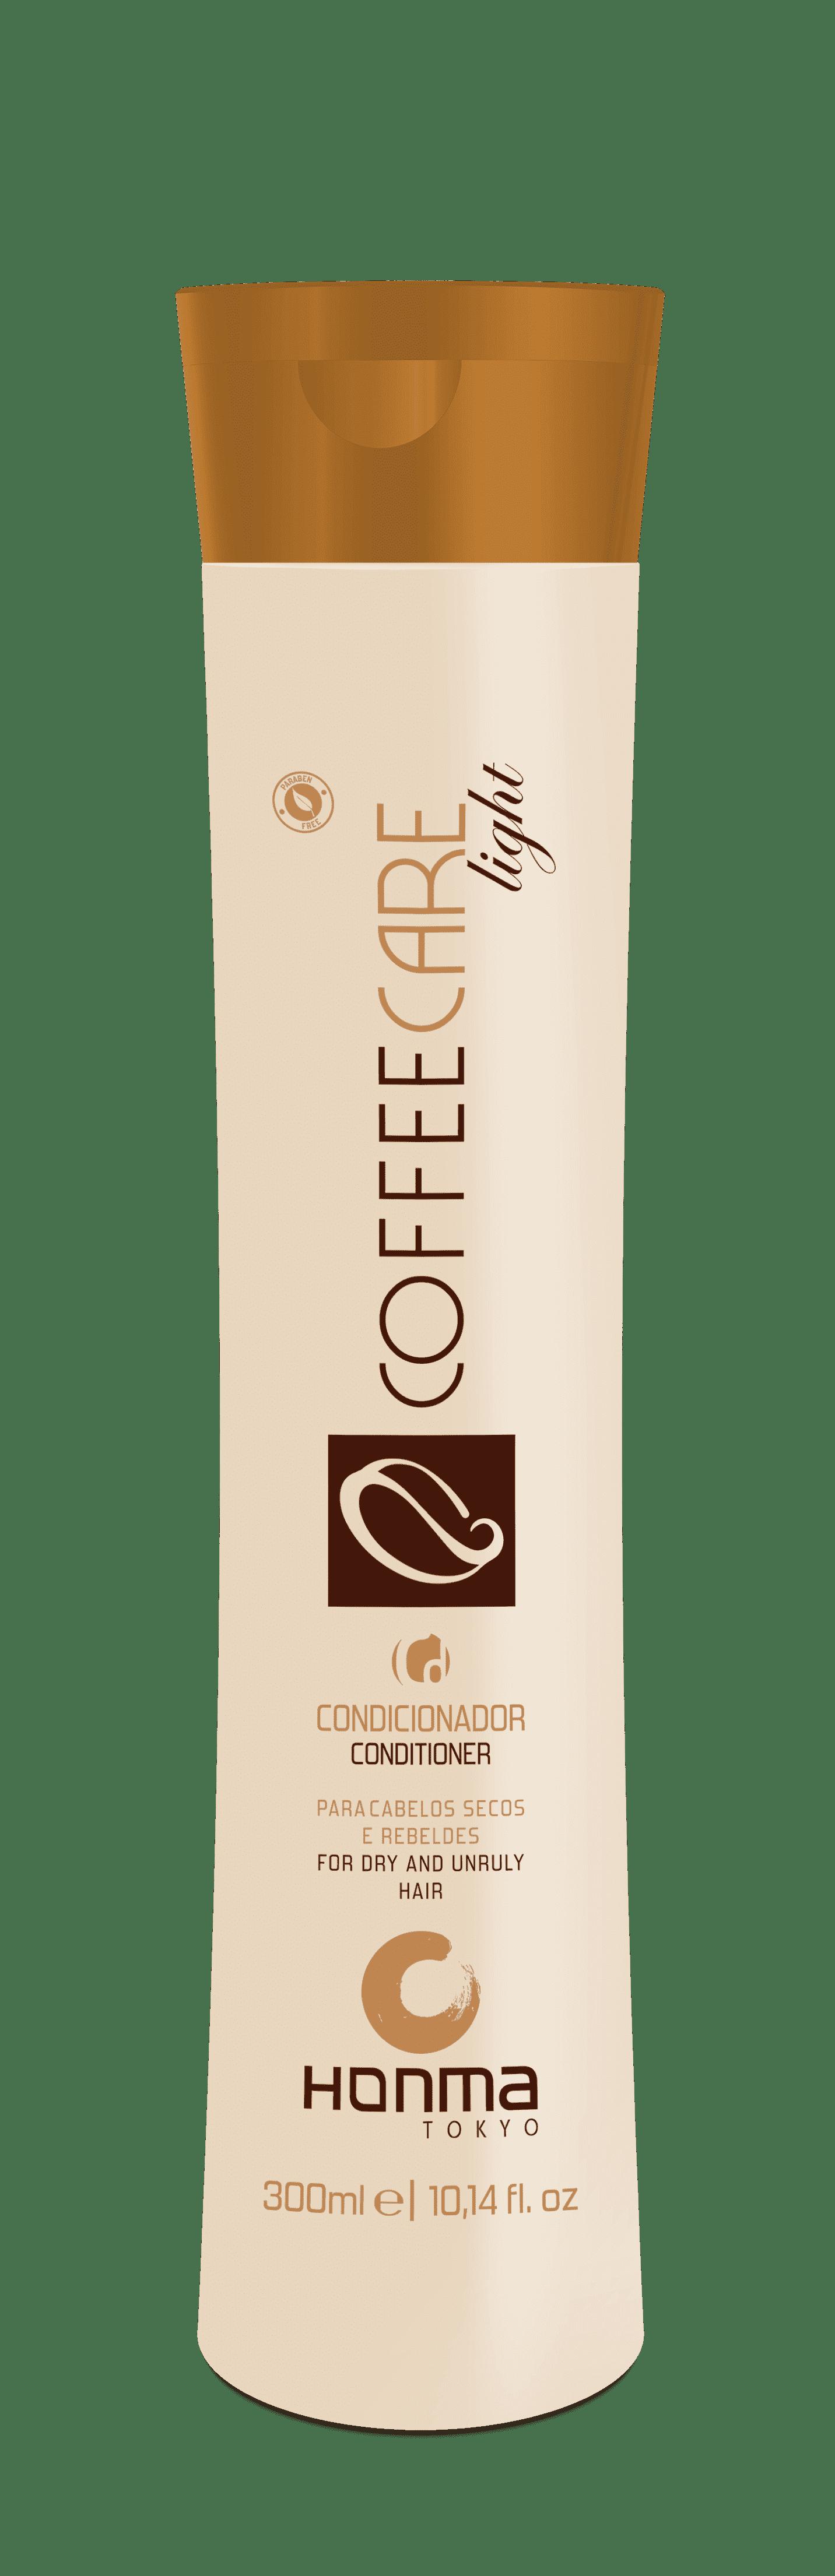 Honma Tokyo, Coffee Care Light Питательный кондиционер питание и укрепление, 1000 мл honma tokyo набор coffee care light шампунь 1000 мл кондиционер 1000 мл